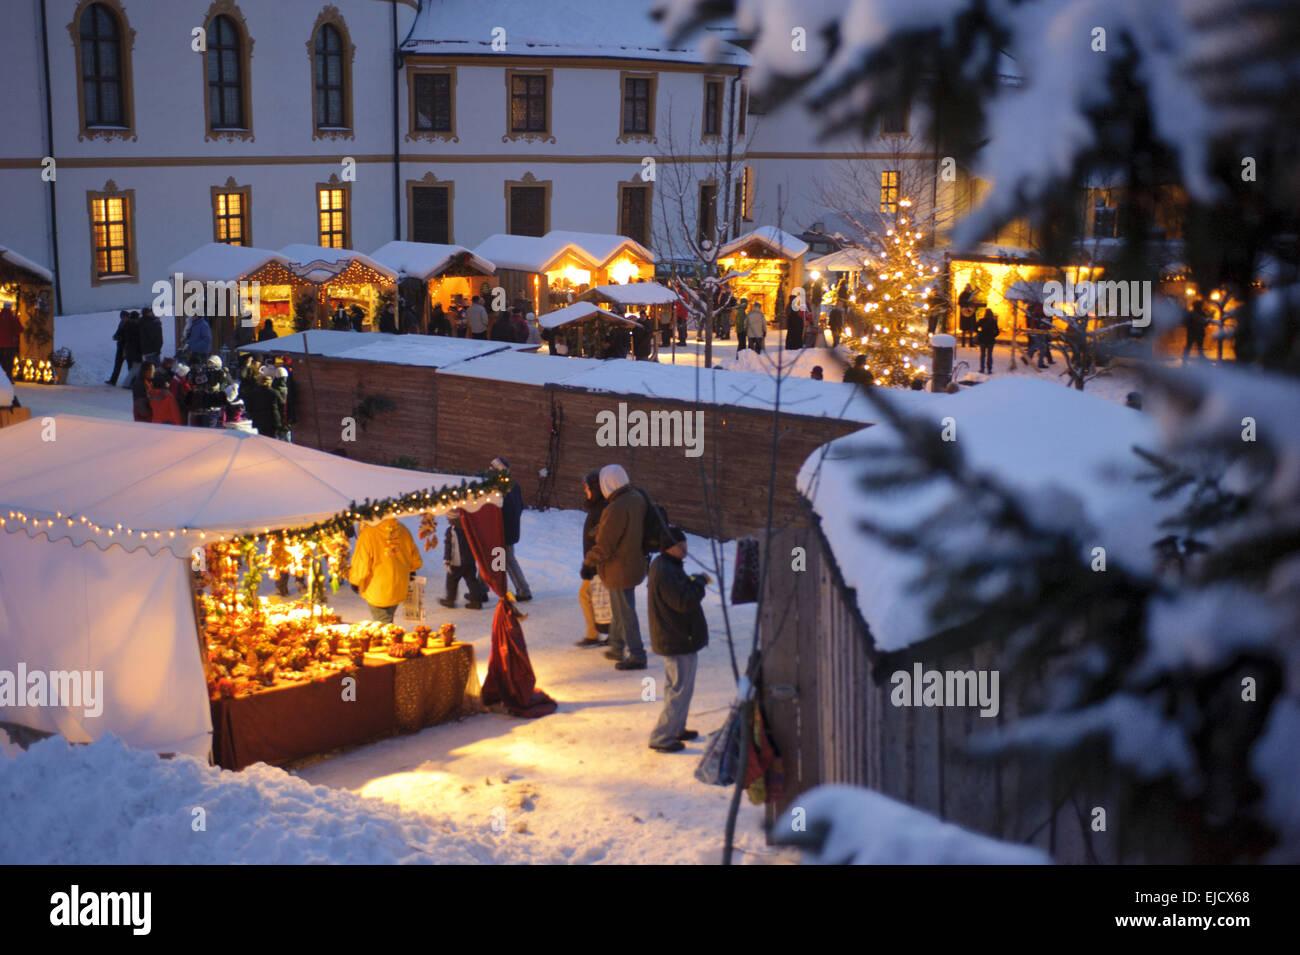 Weihnachtsmarkt in Bayern, Deutschland Stockbild